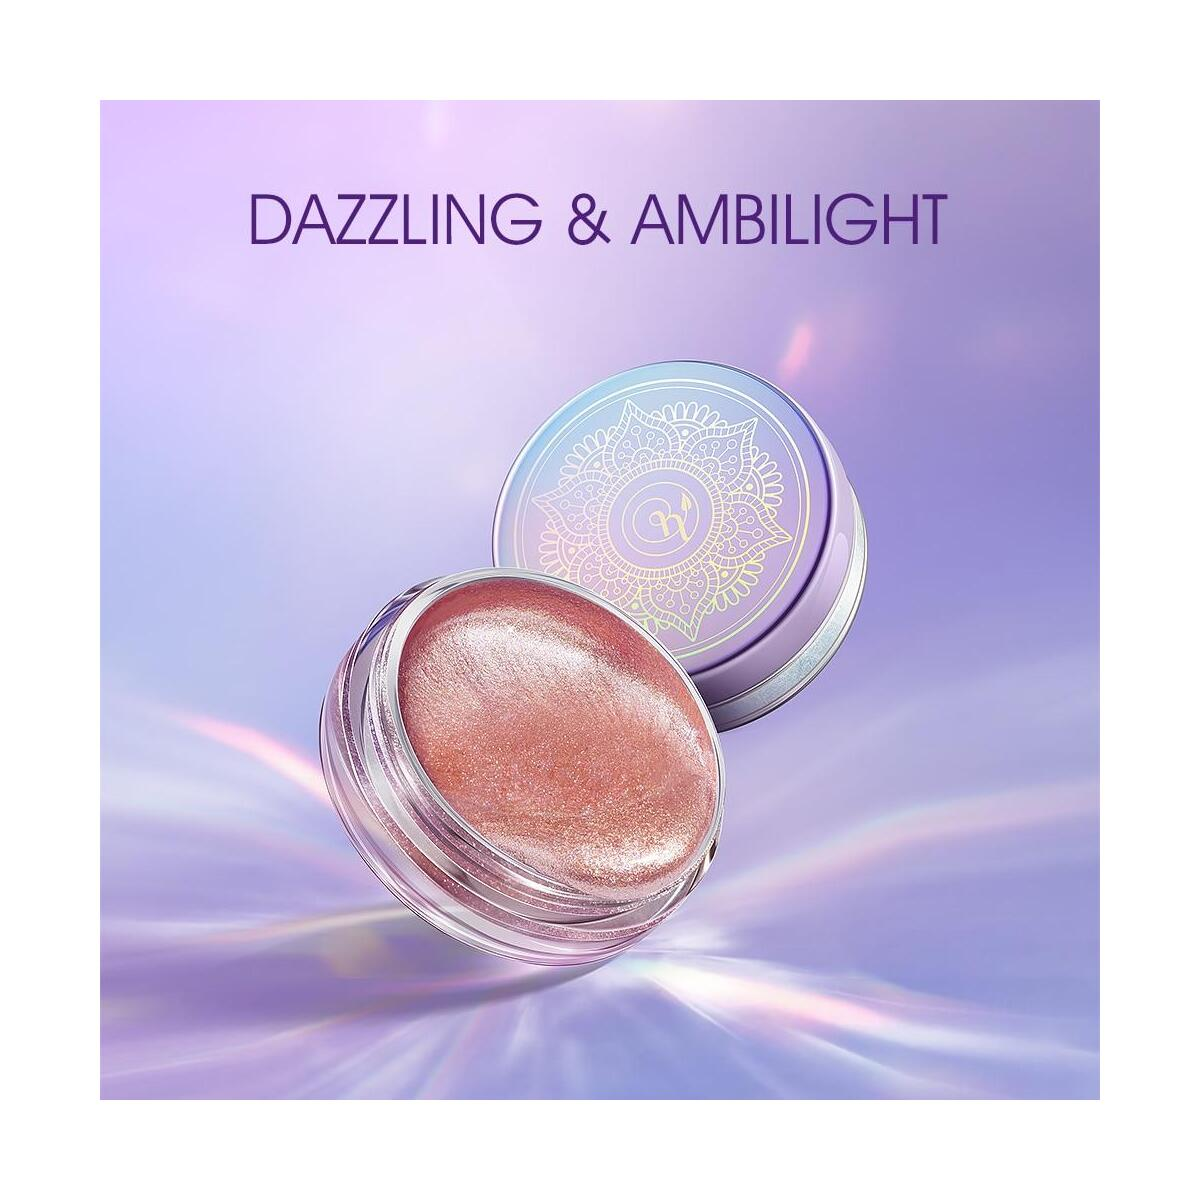 ZEEZEA New Honey & Beauty 4 Colors Pigmented Liquid Eyeshadow, 201